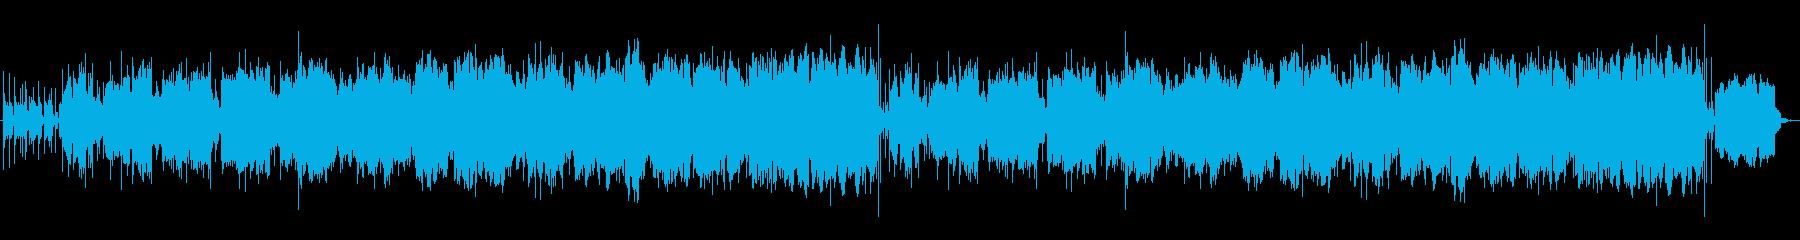 アラビラ風(中東)のリズミカルなBGMの再生済みの波形